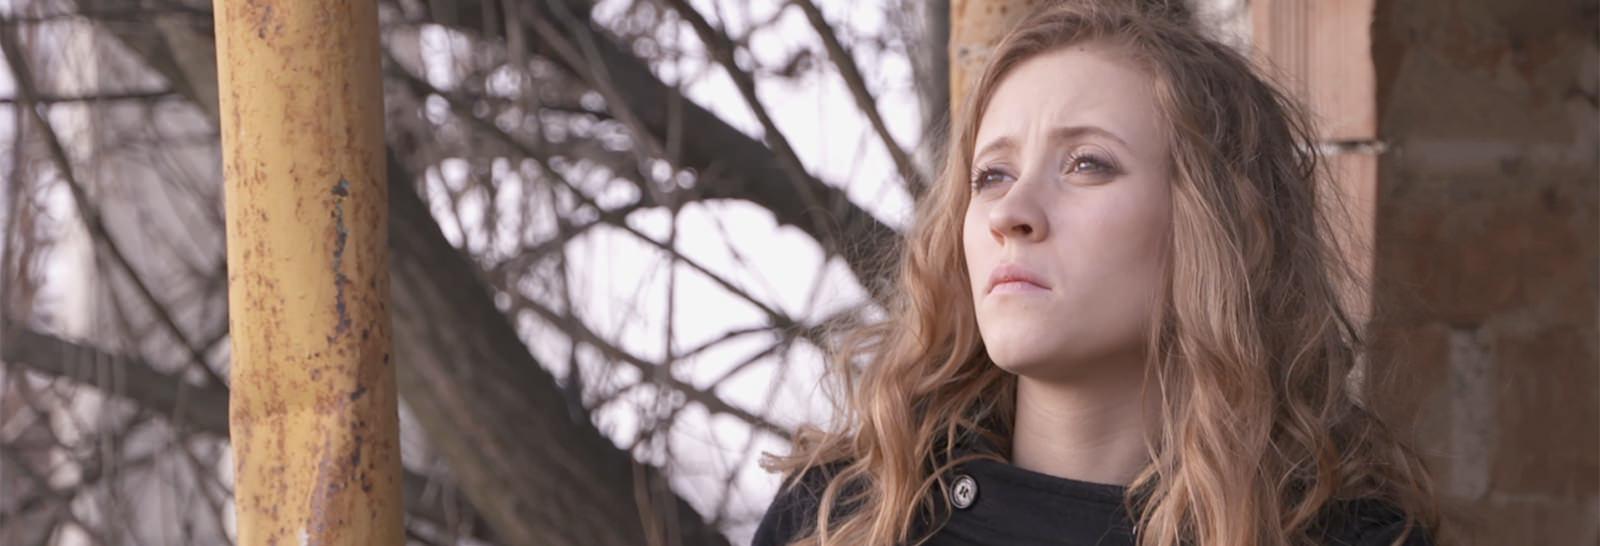 DeLord, Un Respiro esce oggi il videoclip ufficiale dedicato alla ricerca di noi stessi